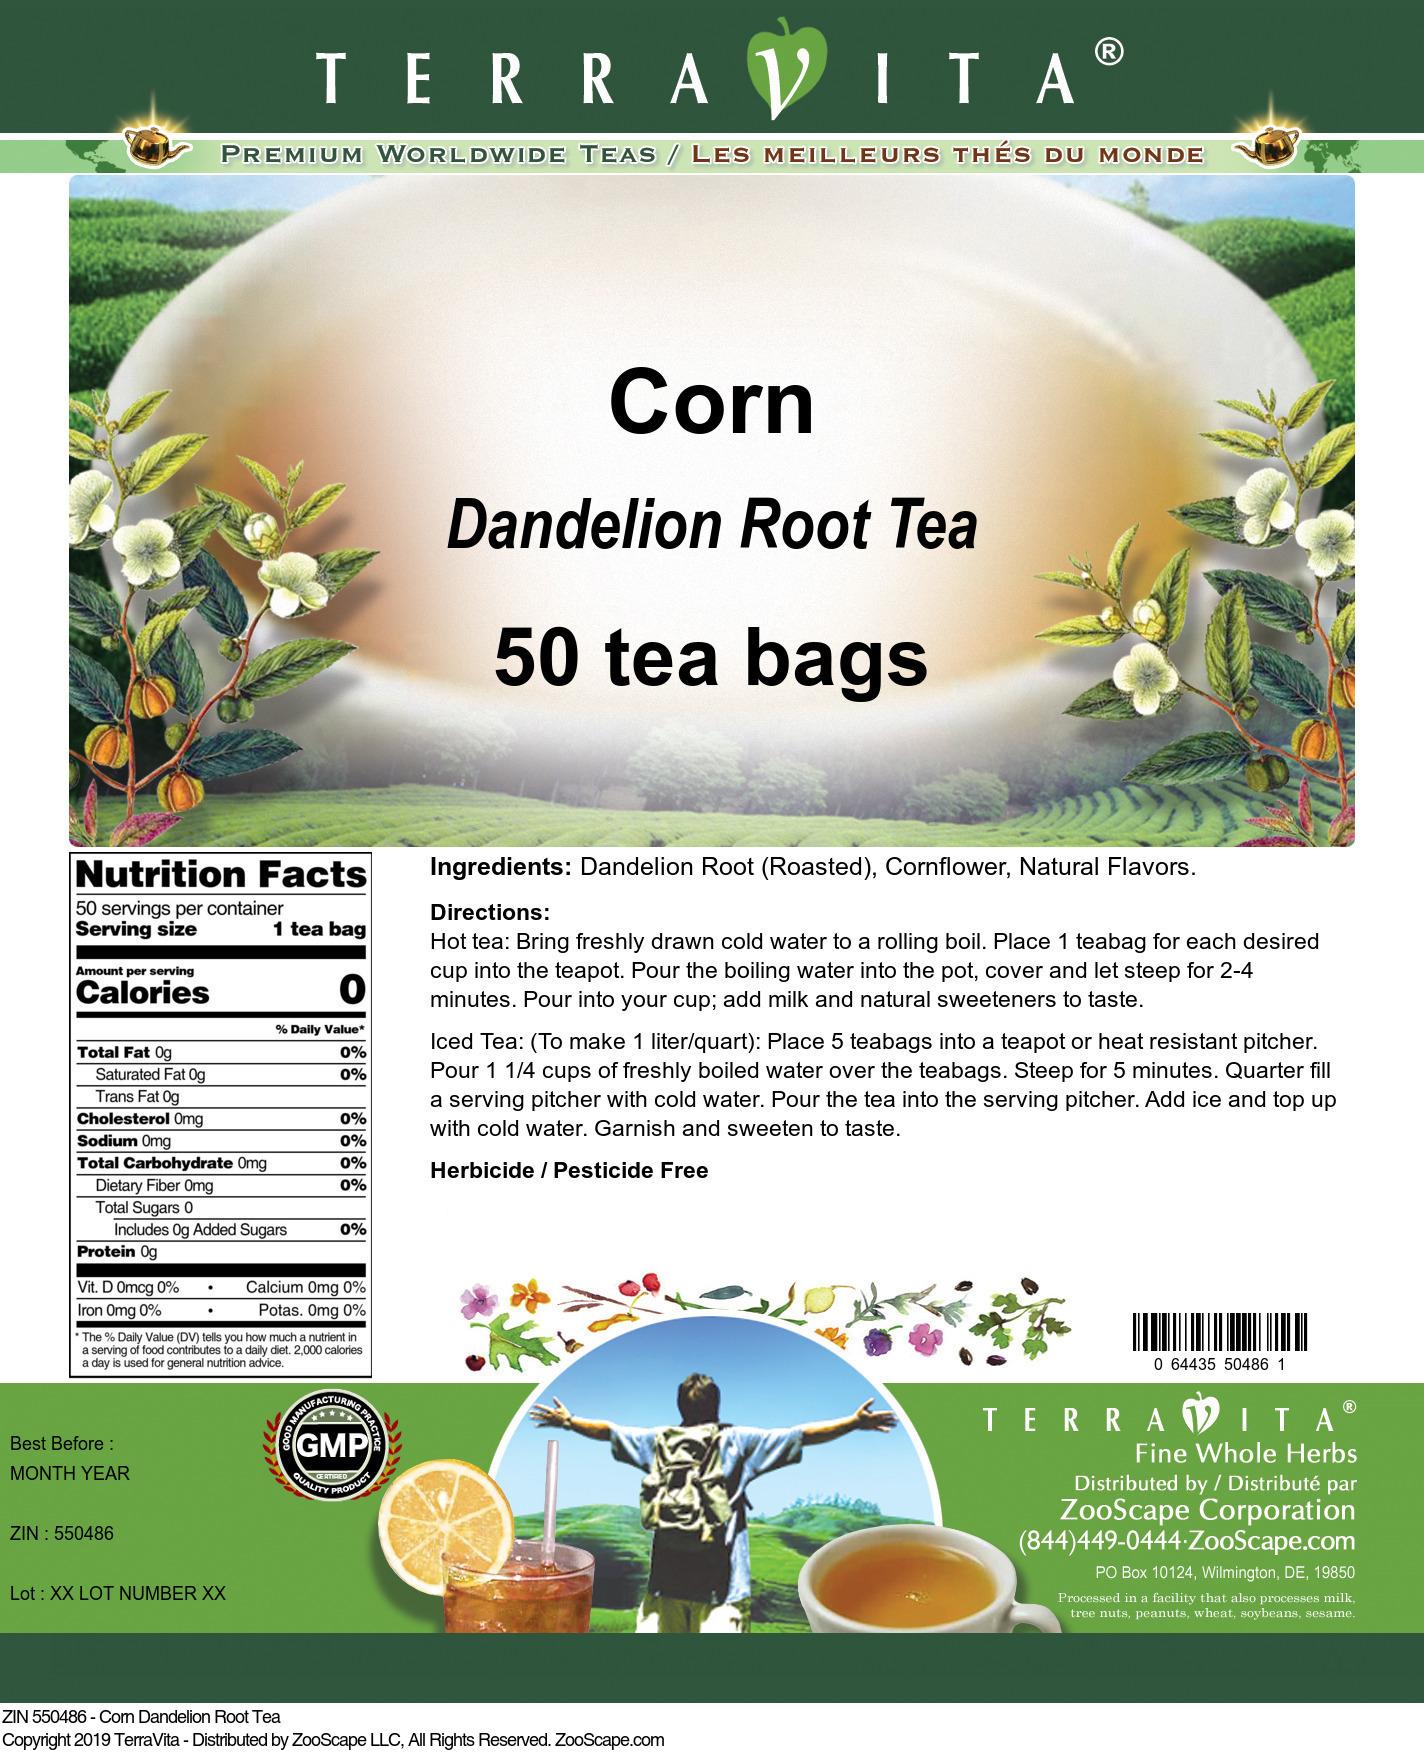 Corn Dandelion Root Tea